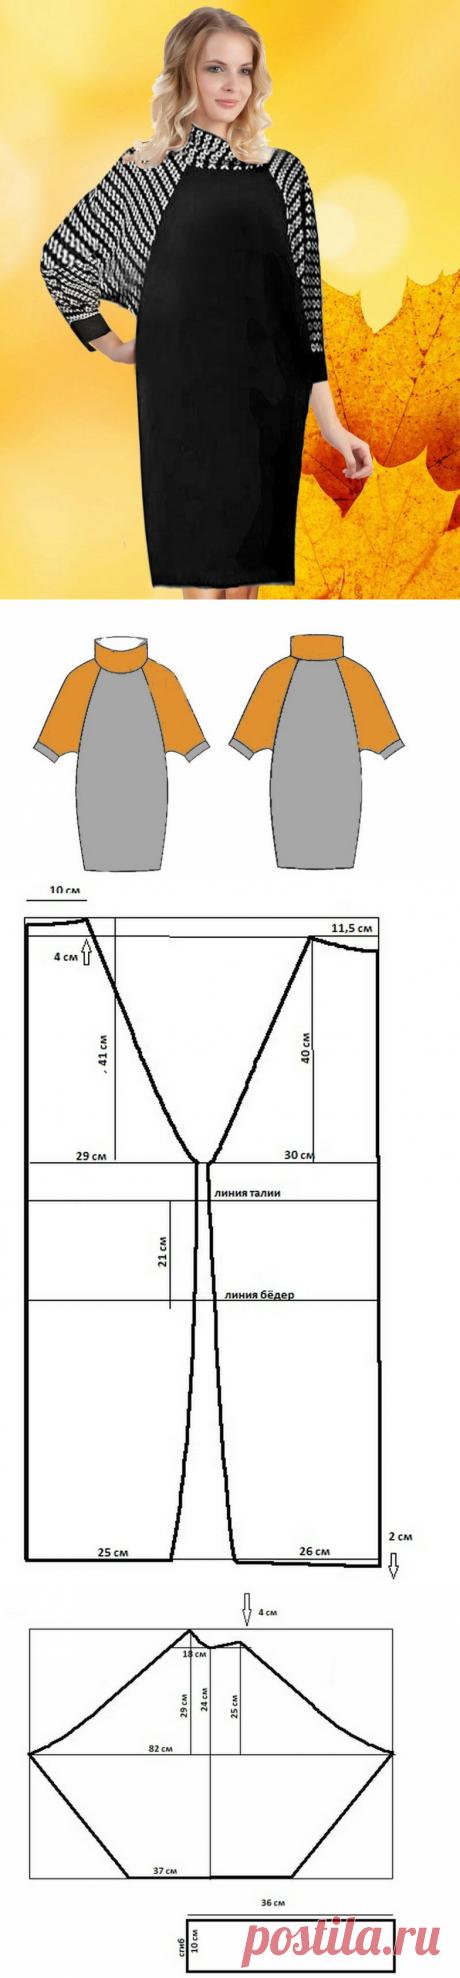 Как сшить платье-кокон за пару часов | модница | Яндекс Дзен